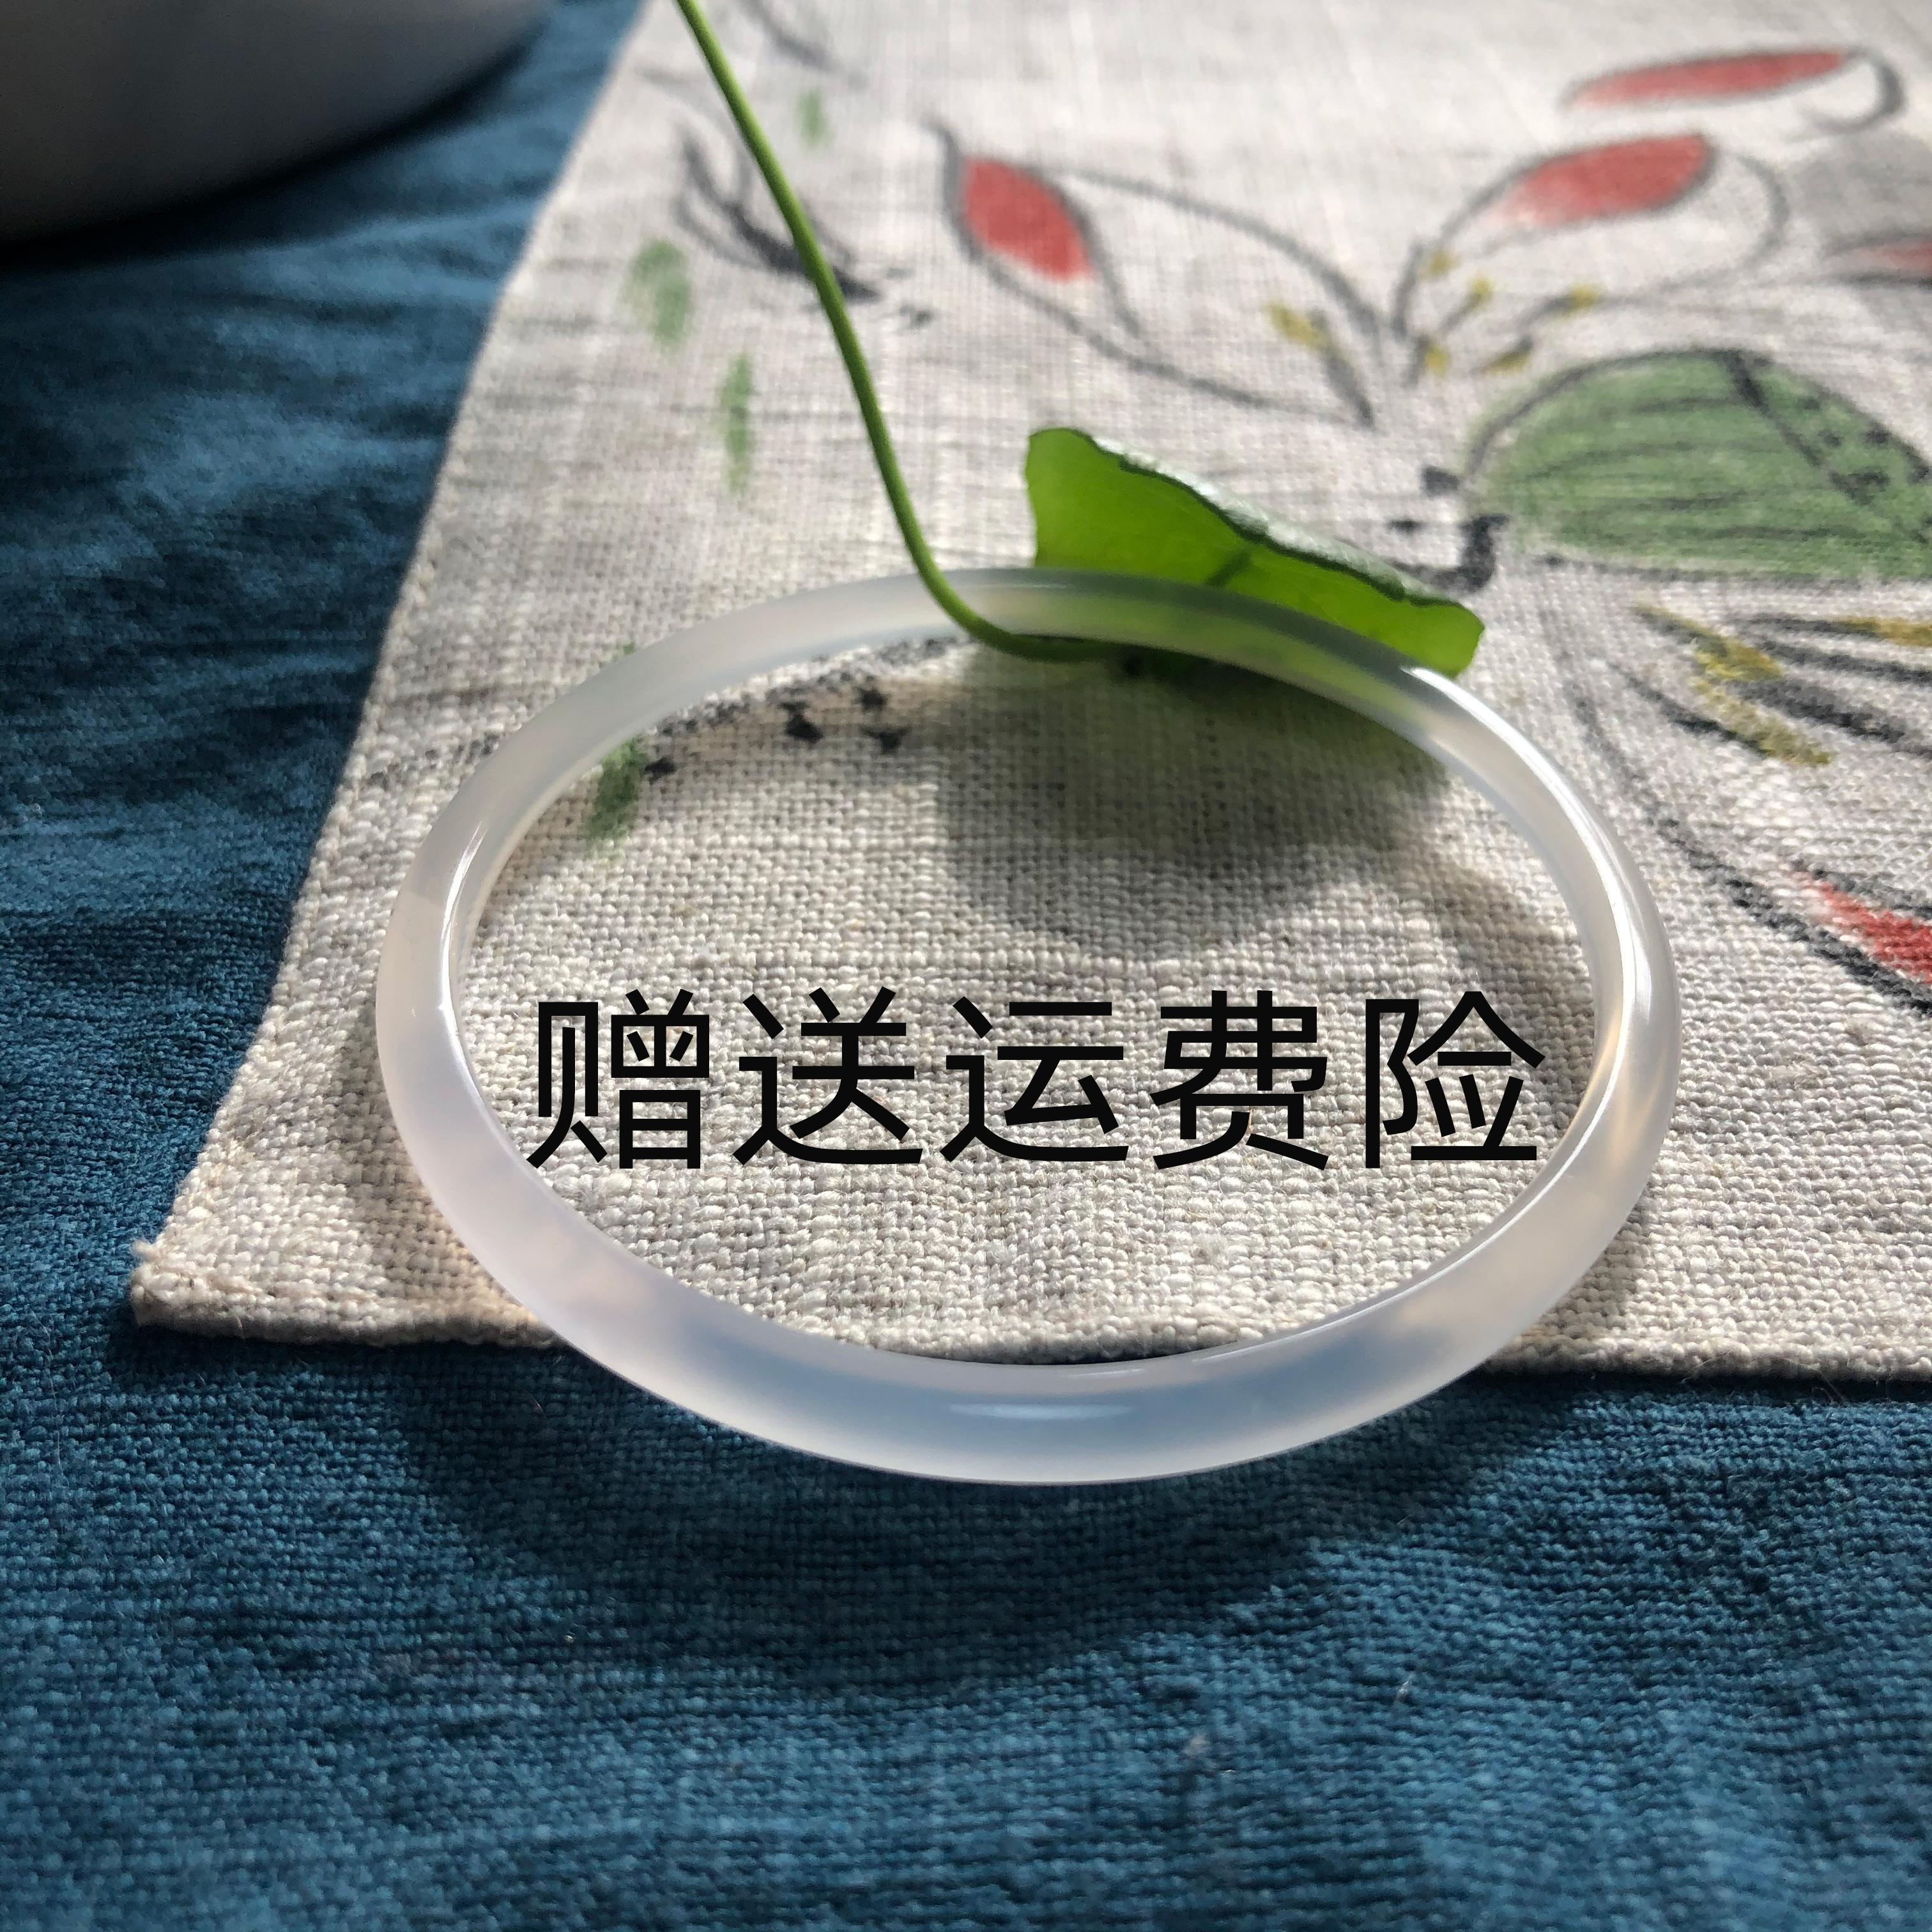 天然玛瑙玉髓叮当镯荔枝冻冰种细款女生美人镯子古风汉服细条礼物详细照片